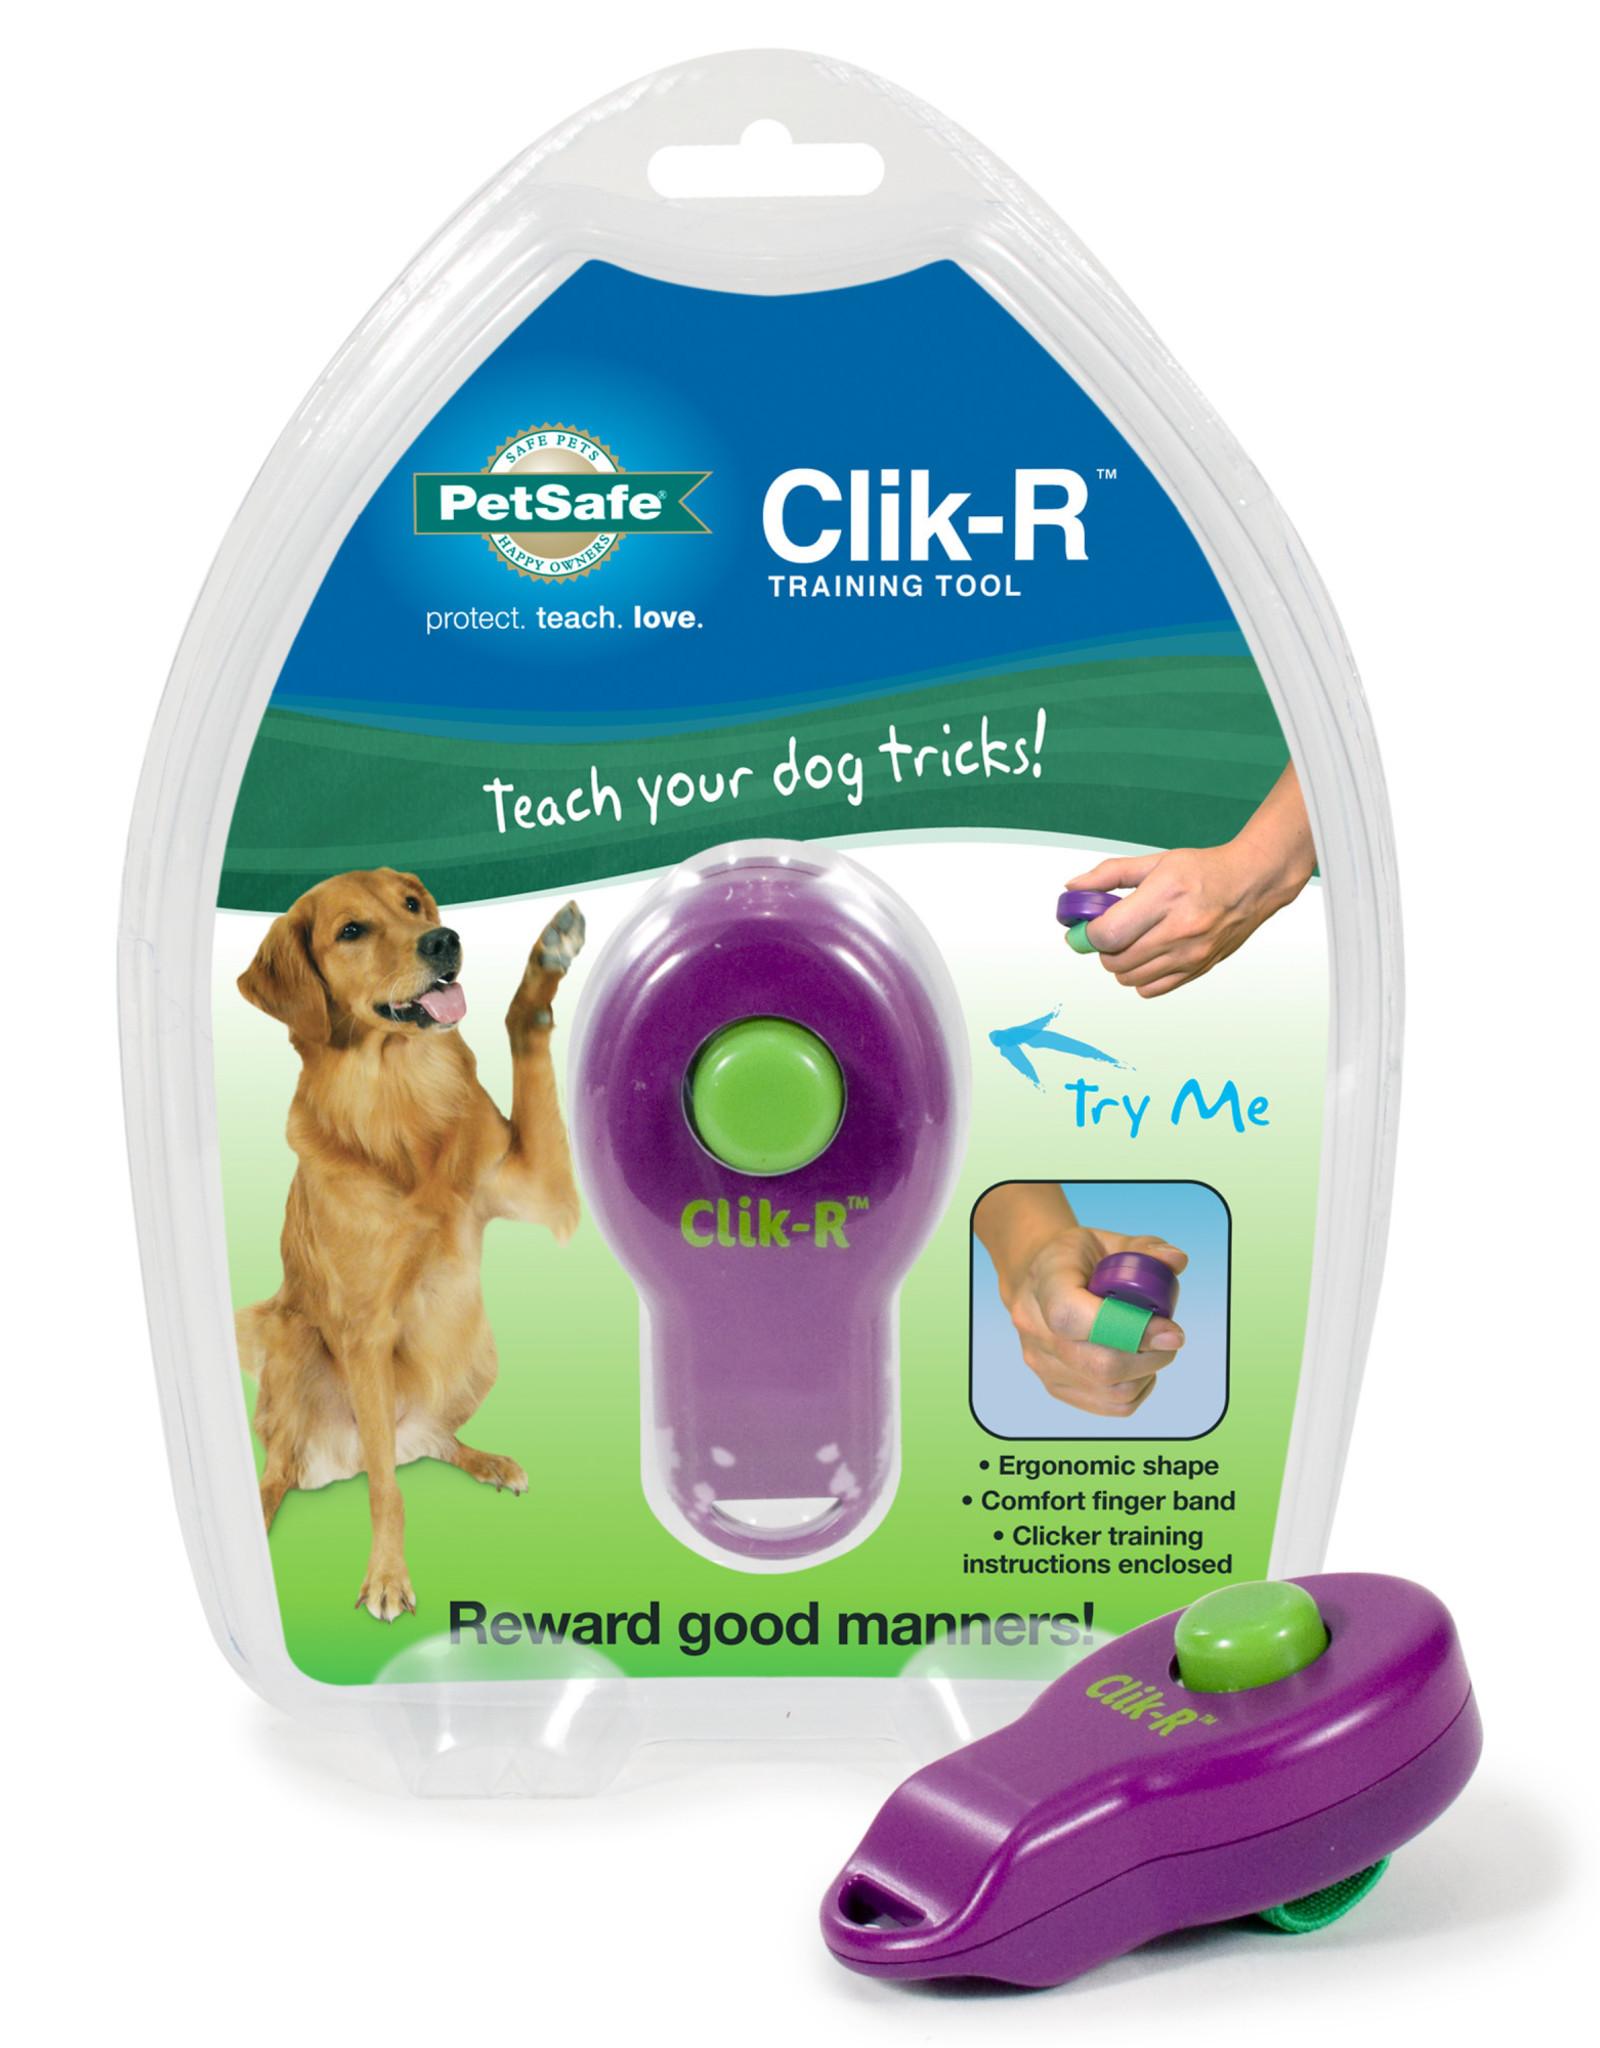 PetSafe Clik-r with Ring